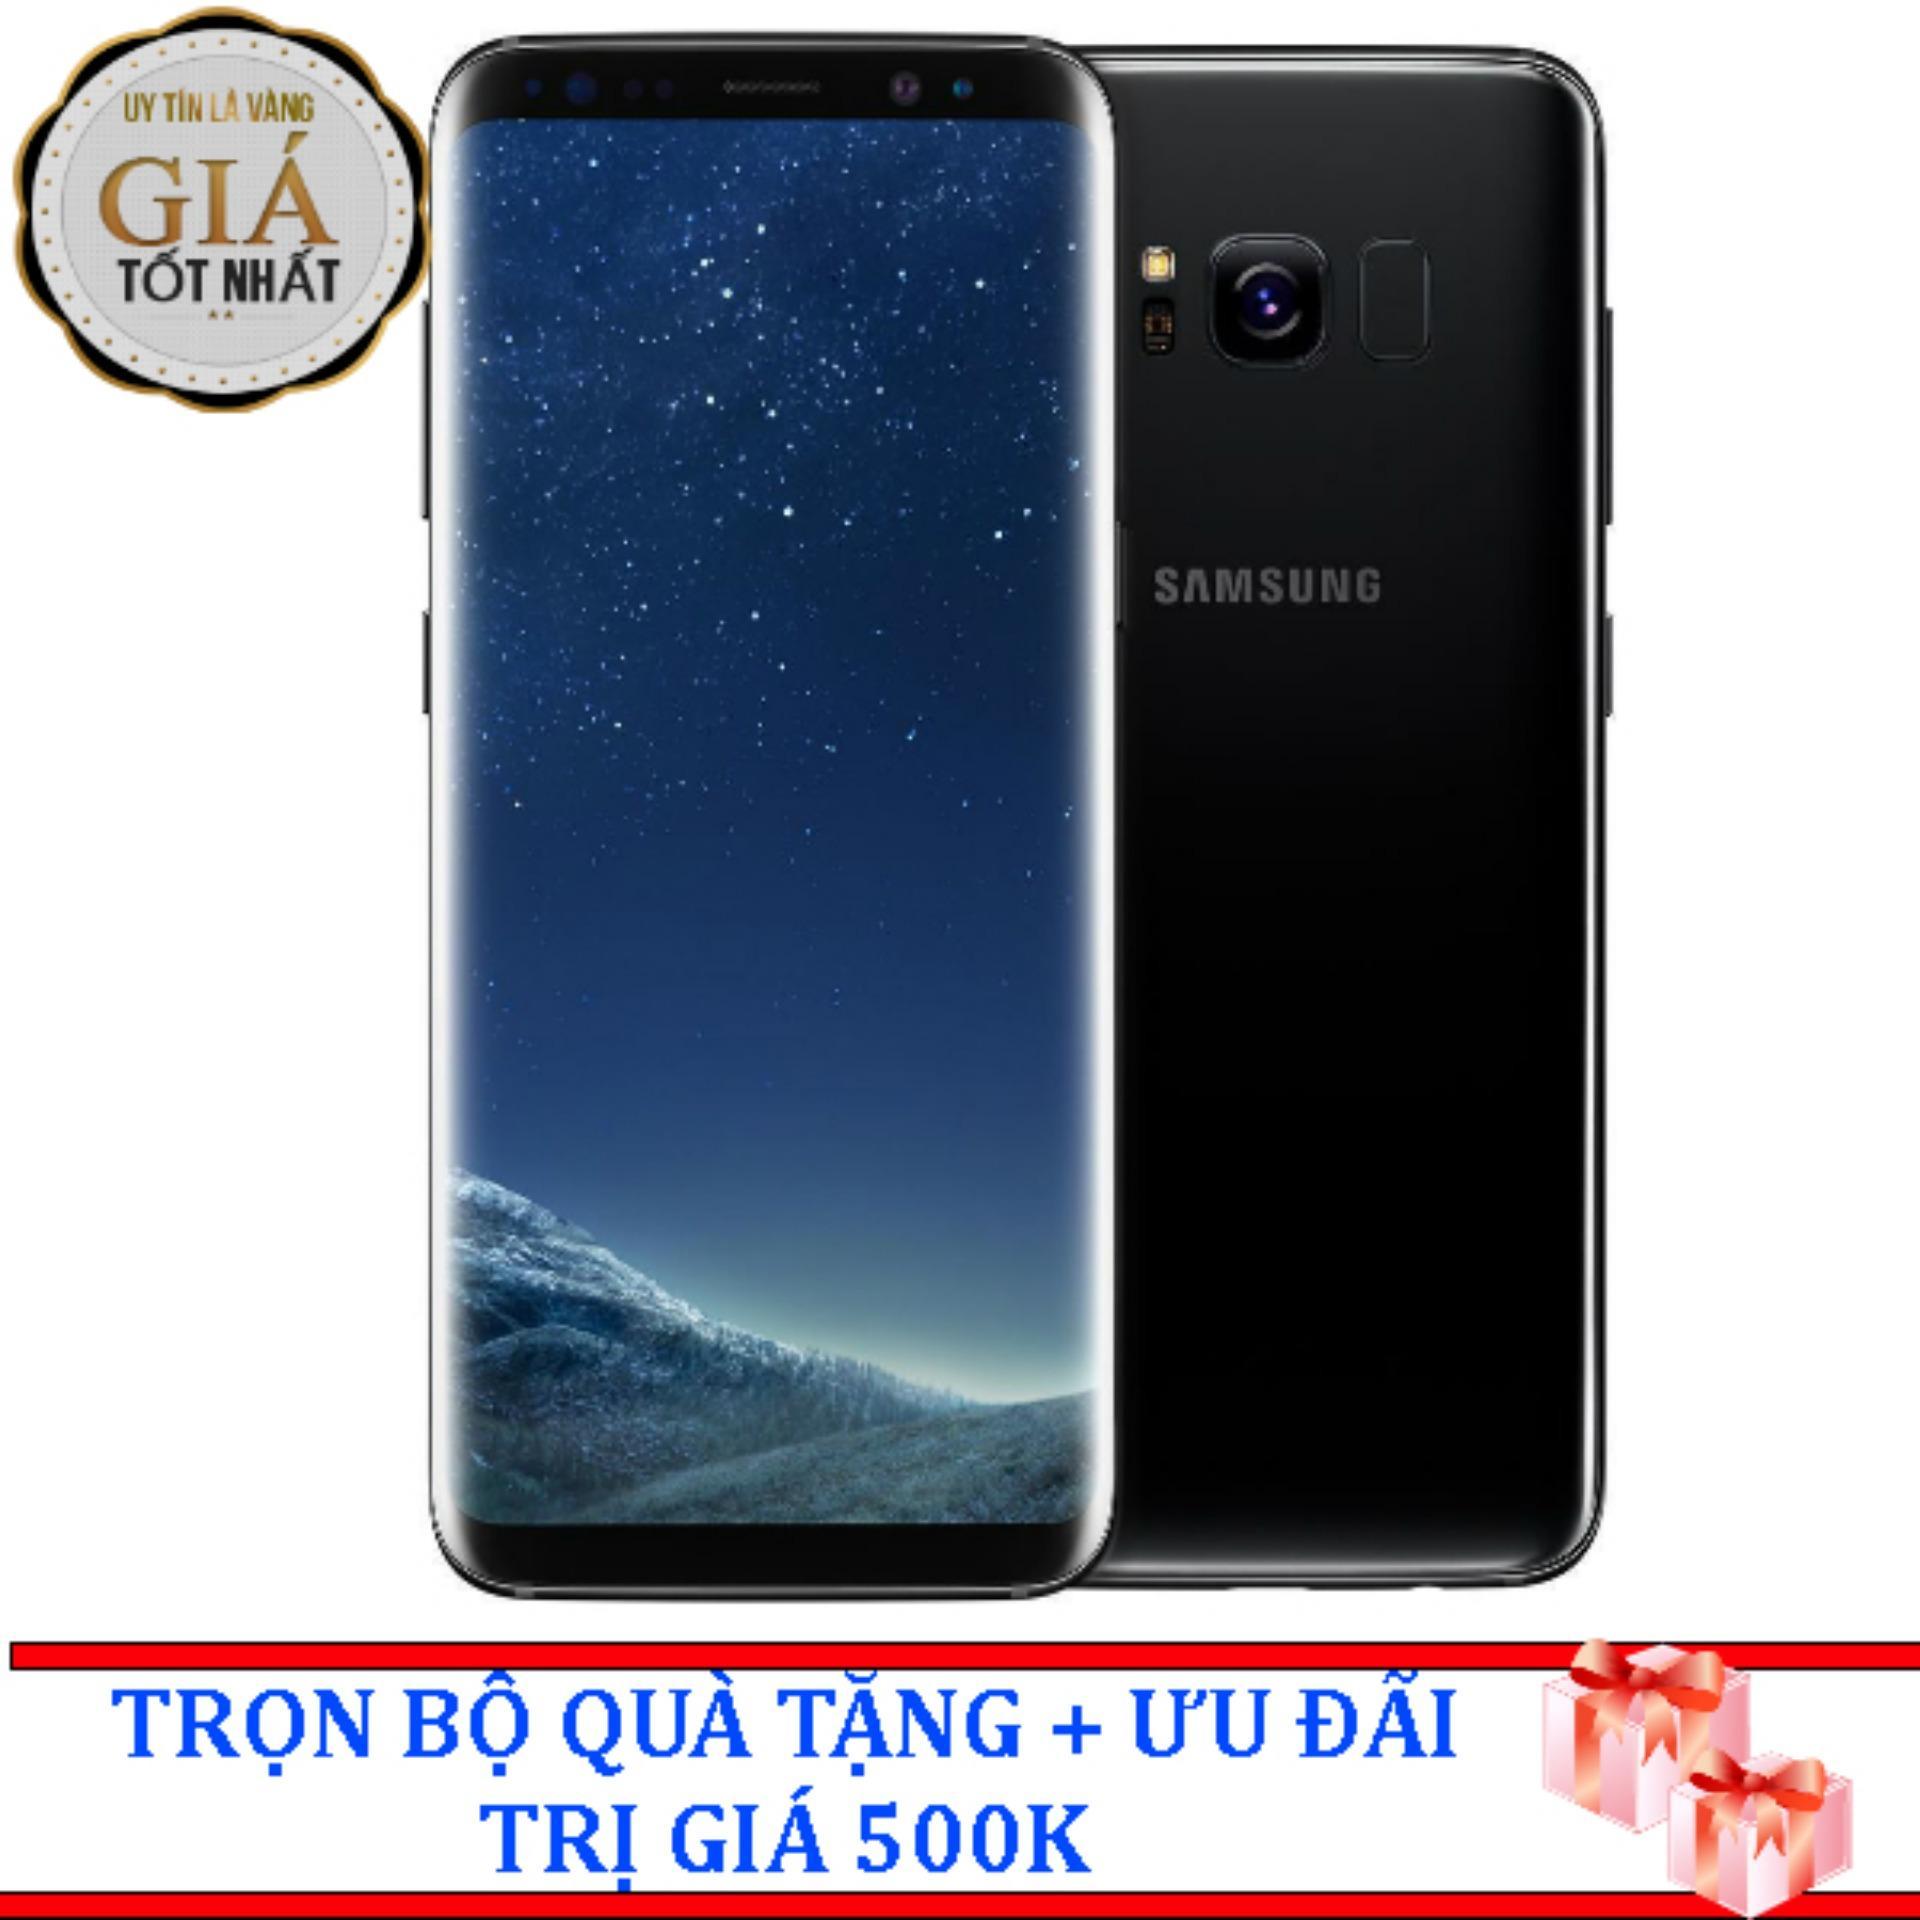 Bán Mua Samsung Galaxy S8 64G Ram 4Gb 5 8Inch Đen Huyền Bi Hang Nhập Khẩu Đen 64Gb Mới Hồ Chí Minh